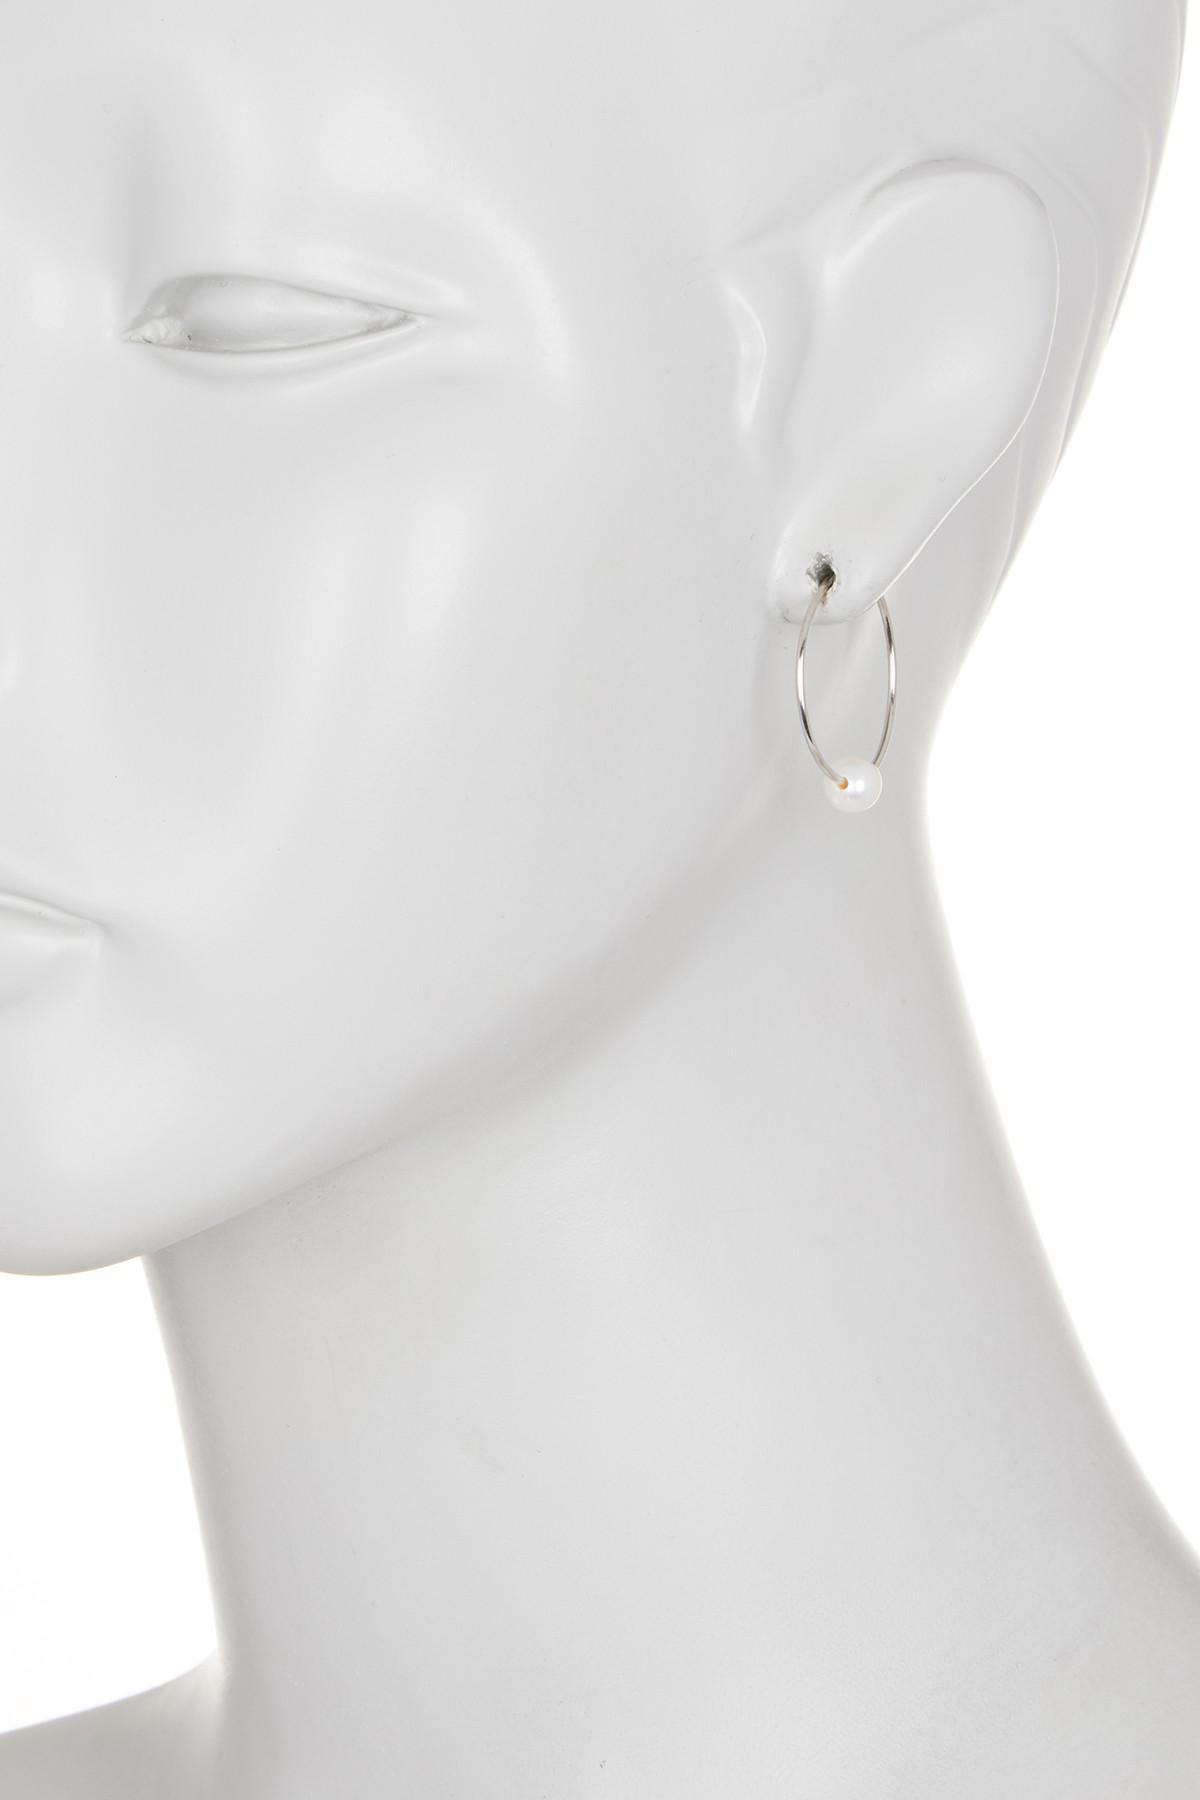 e0200ae66 Splendid - 14k Gold White 6mm Freshwater Pearl Hoop Earrings - Lyst. View  fullscreen